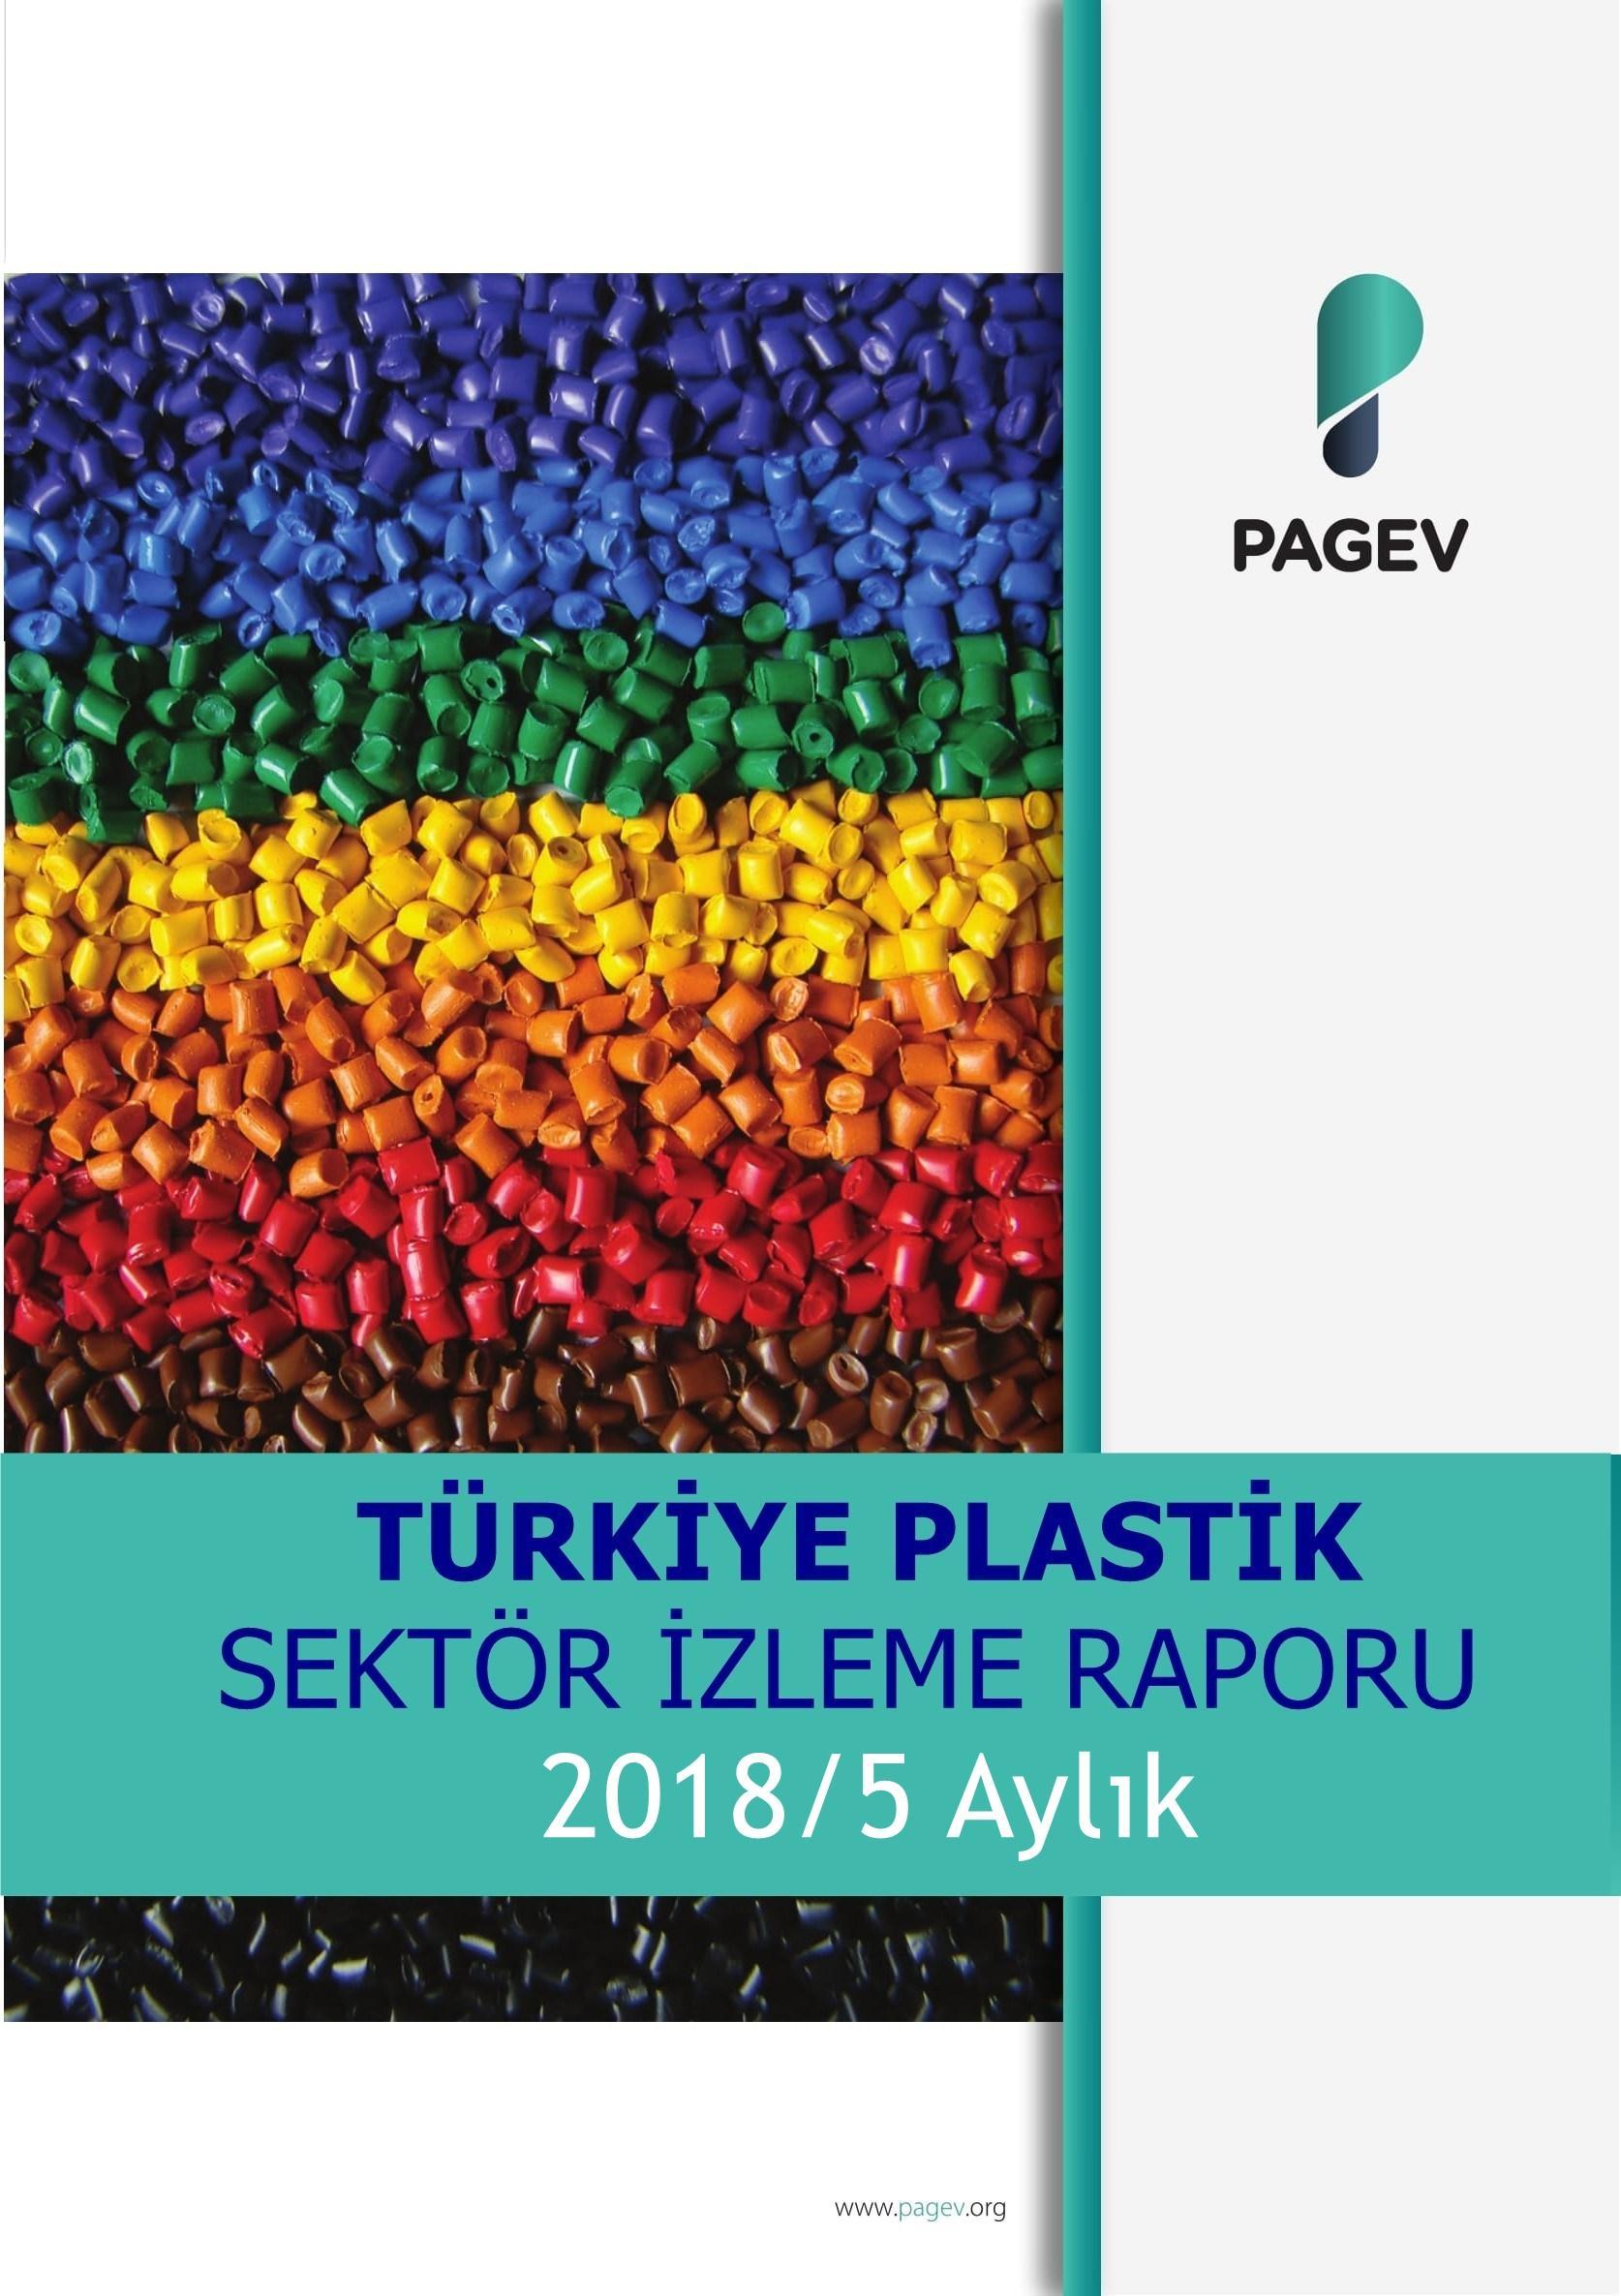 Türkiye Plastik Sektör İzleme Raporu 2018/5 Aylık